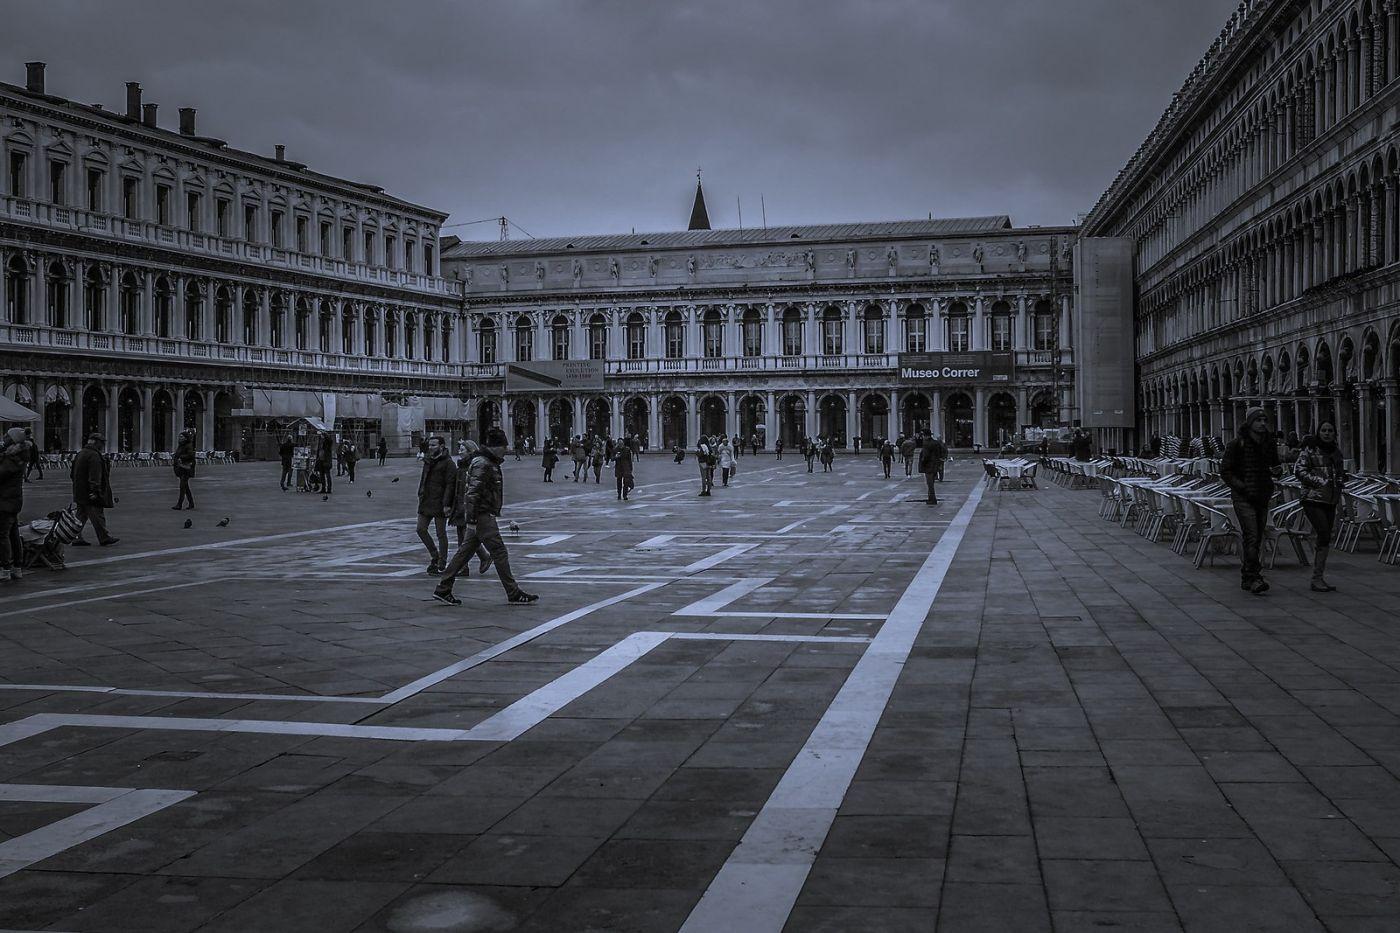 威尼斯圣马可广场(St Mark's Square), 独一无二_图1-31